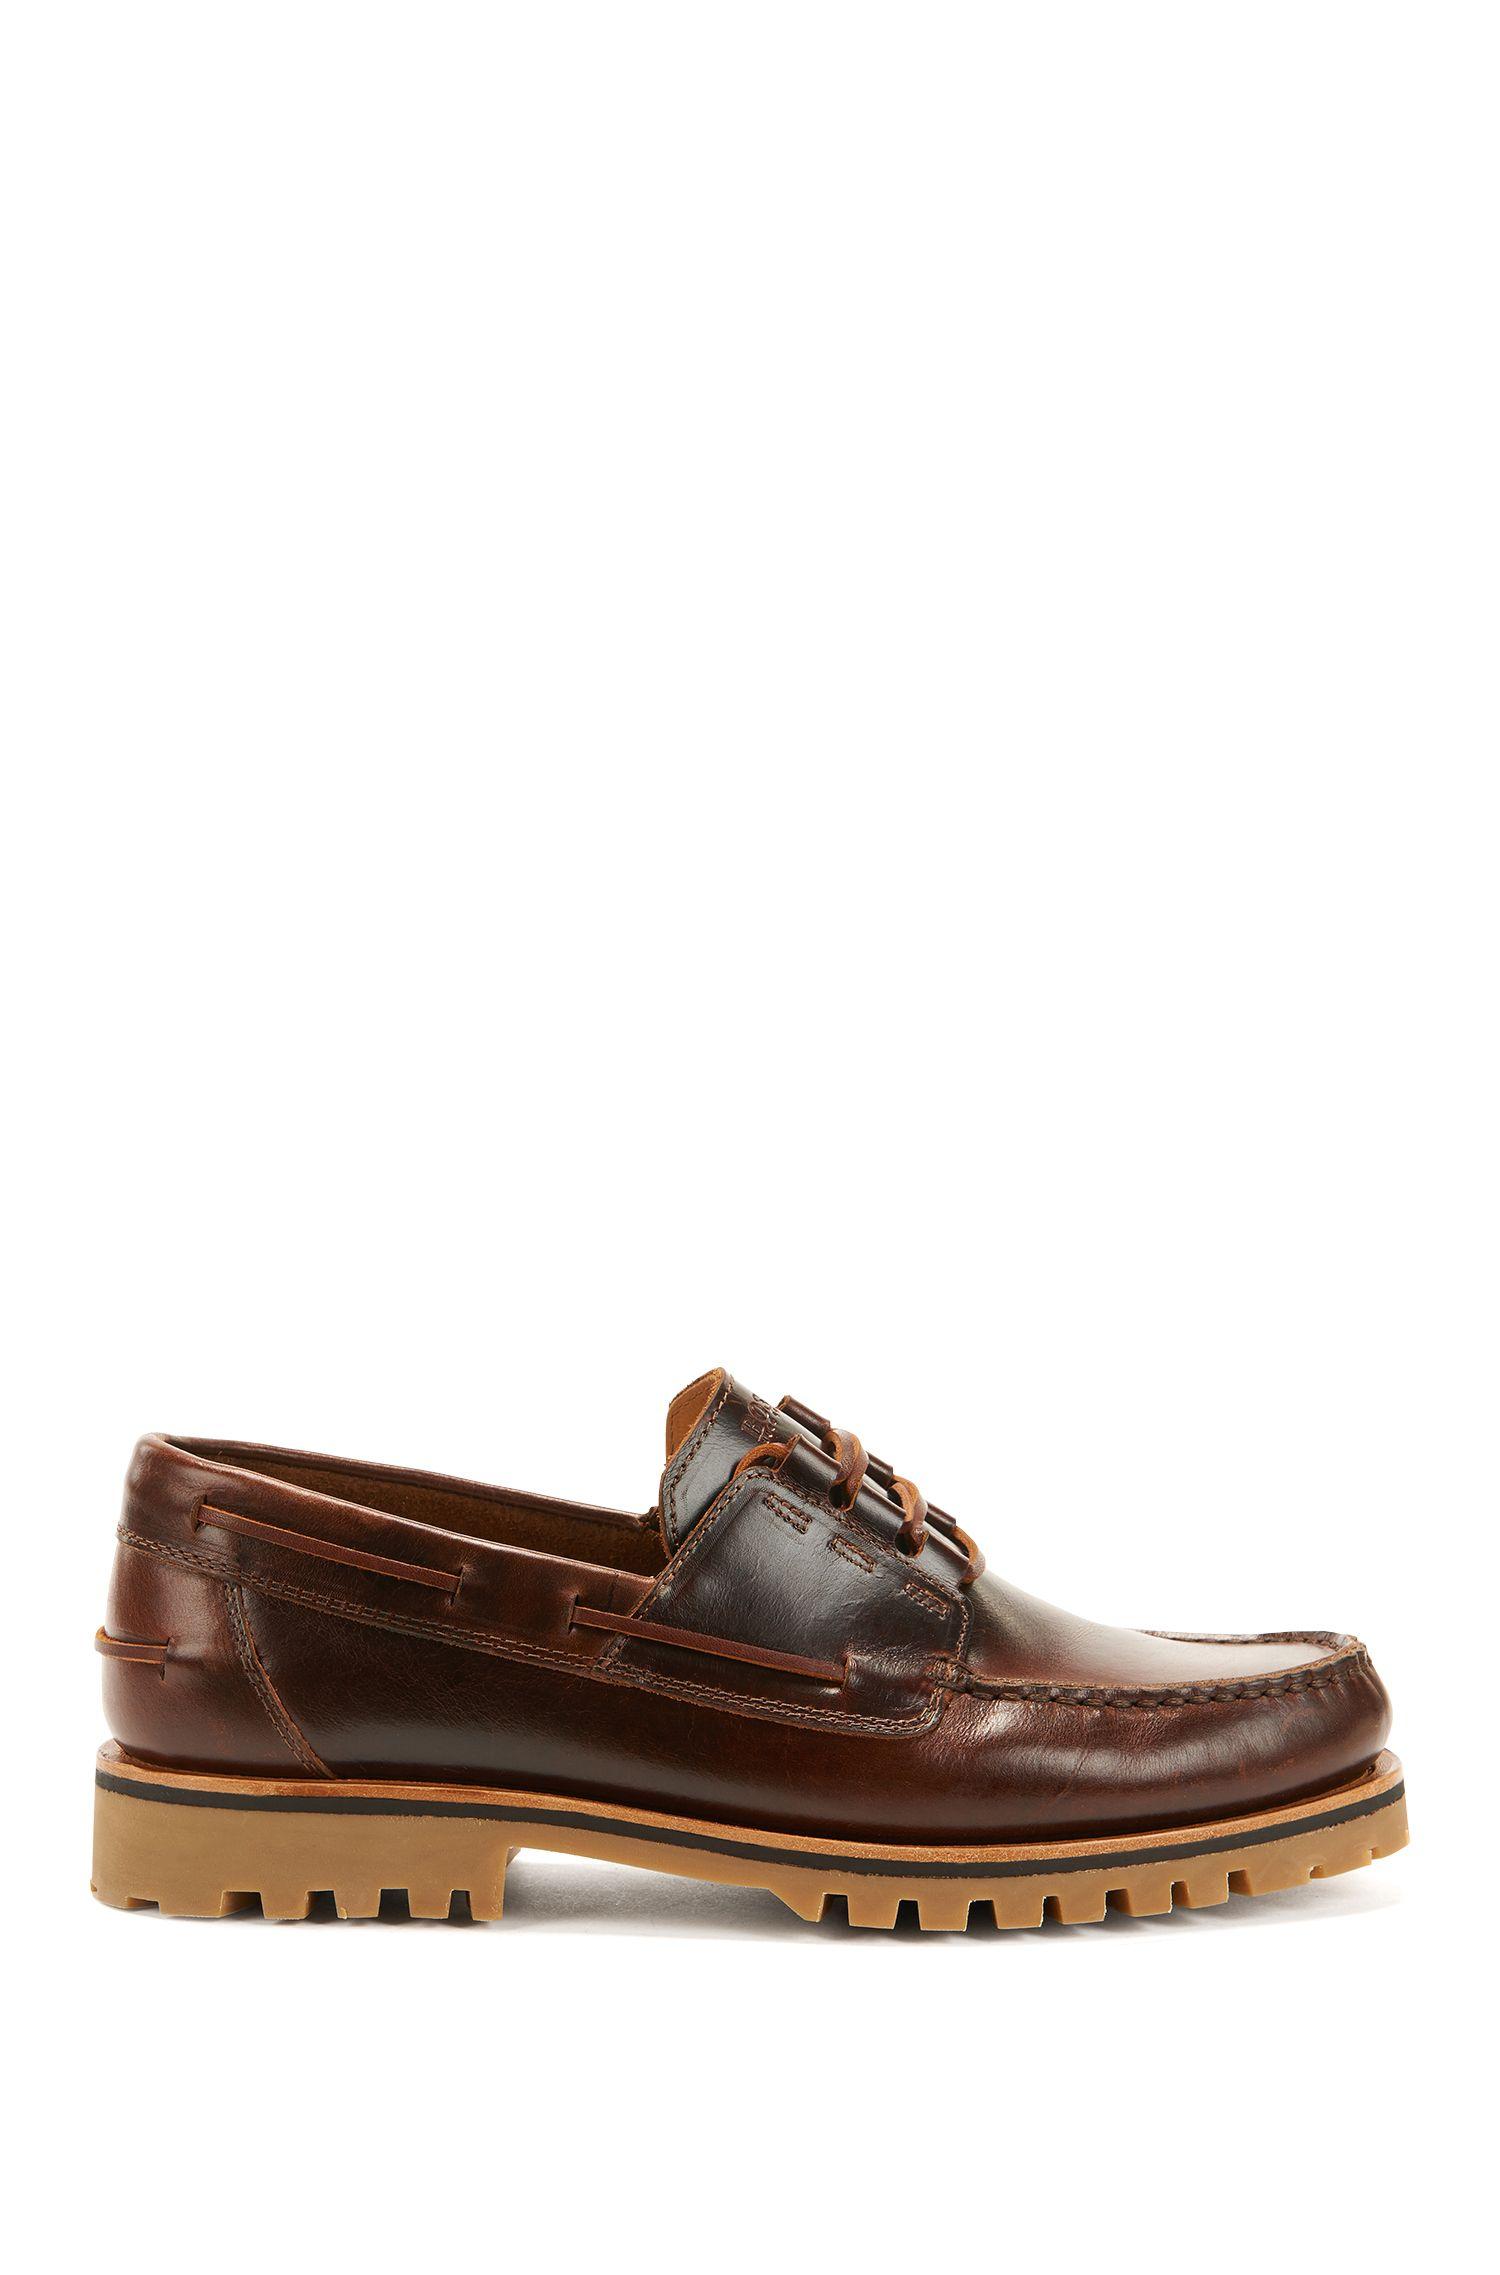 Chaussures bateau en cuir à semelle crantée et surpiqûres ton sur ton